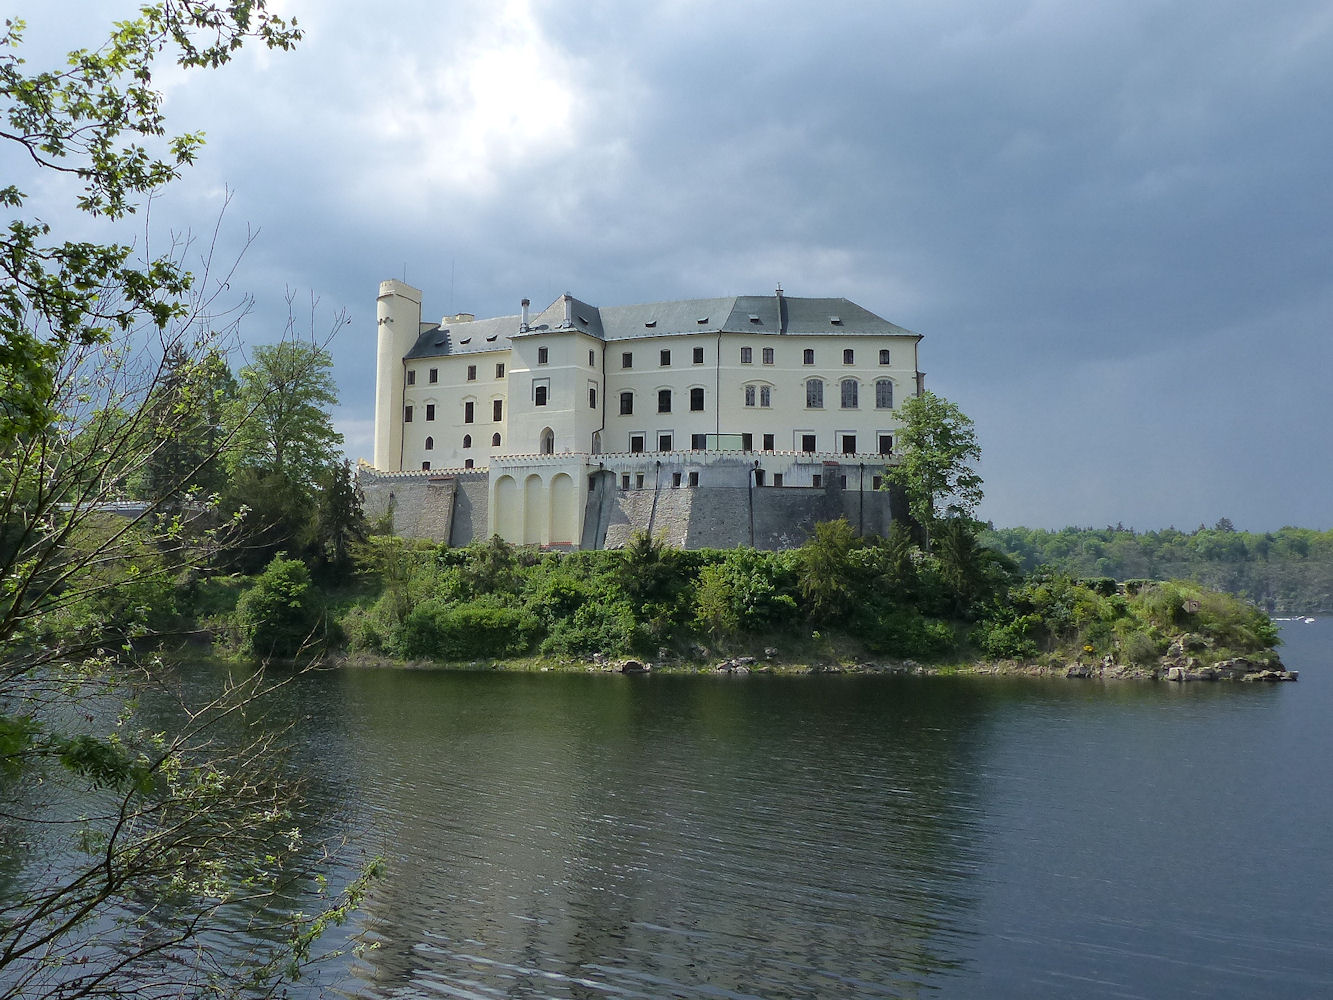 Orlik Castle